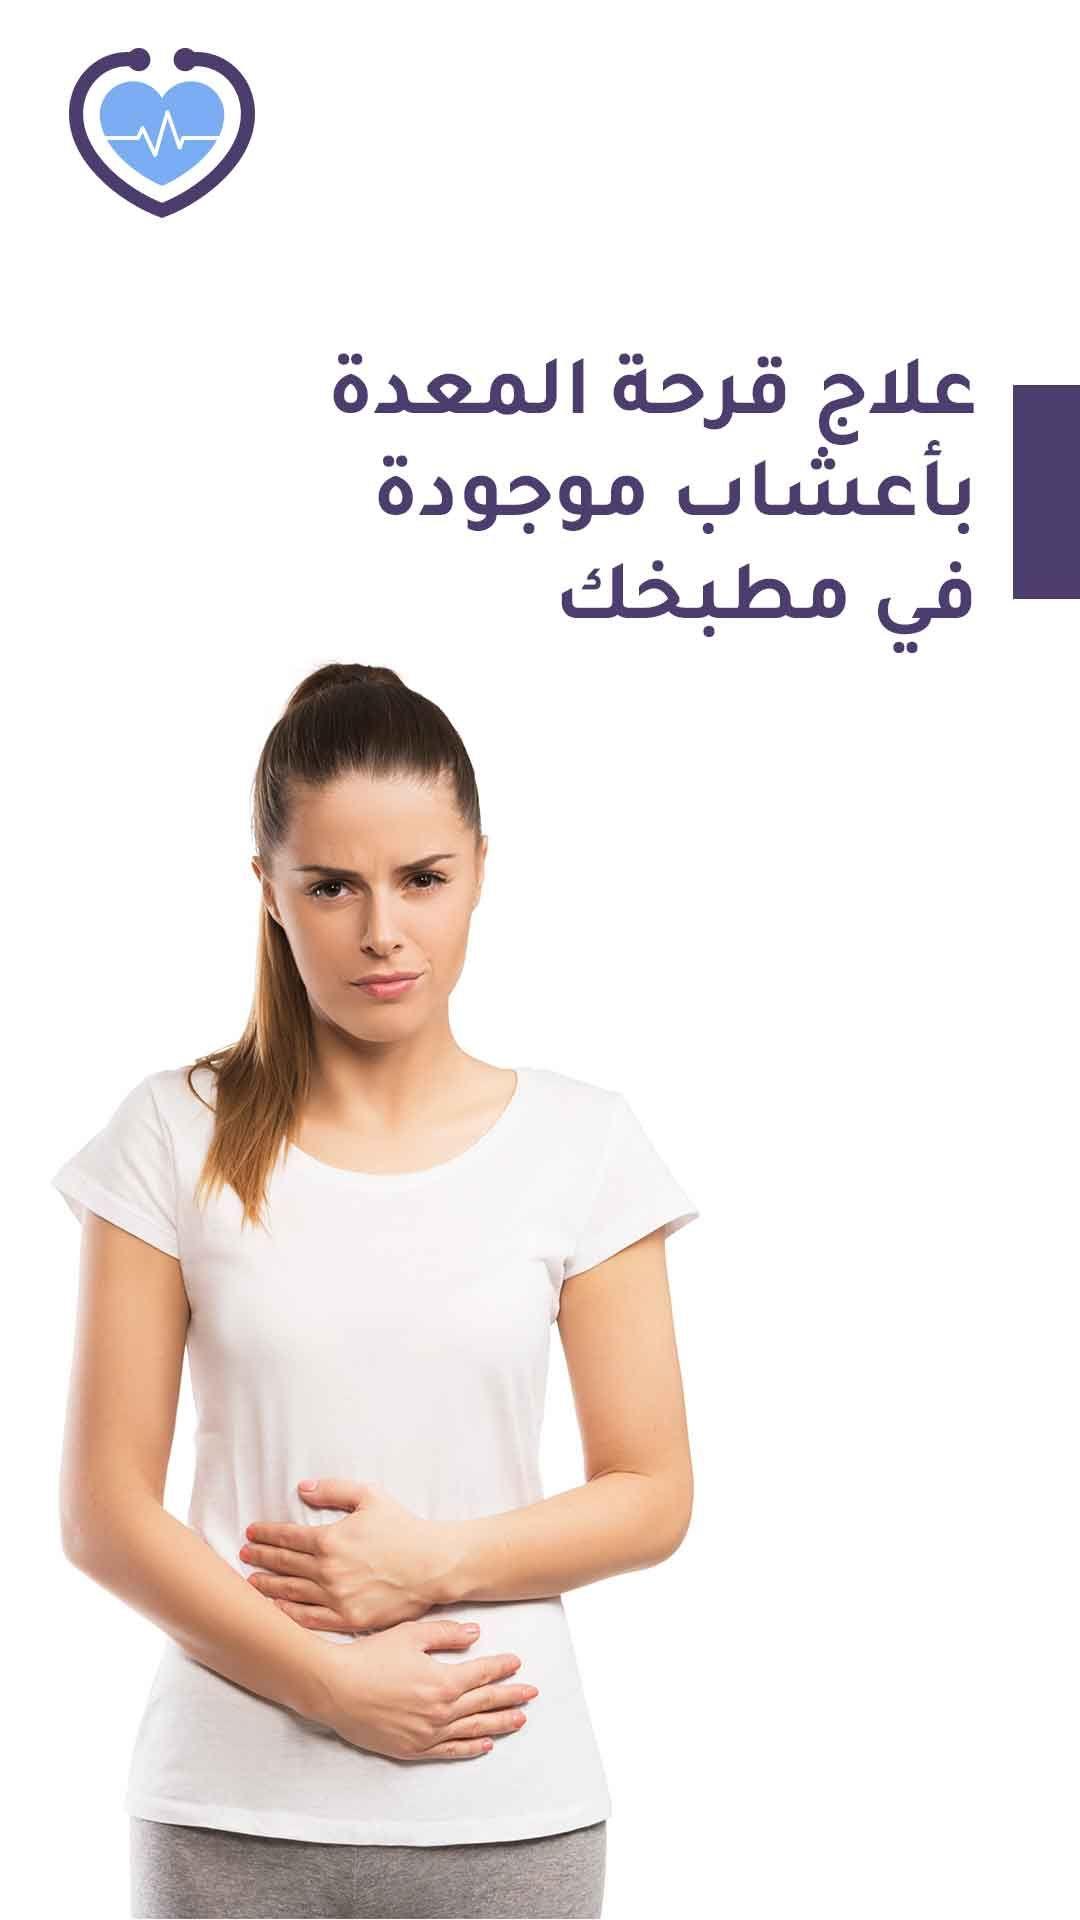 قرحة المعدة تتطور في بطانة المعدة وهي شائعة جد ا وتحدث لعدة أسباب مختلفة ويمكن علاجها بالعديد من الطرق والوسائل الطبية أو باستخد In 2021 Mens Tshirts Mens Tops Men